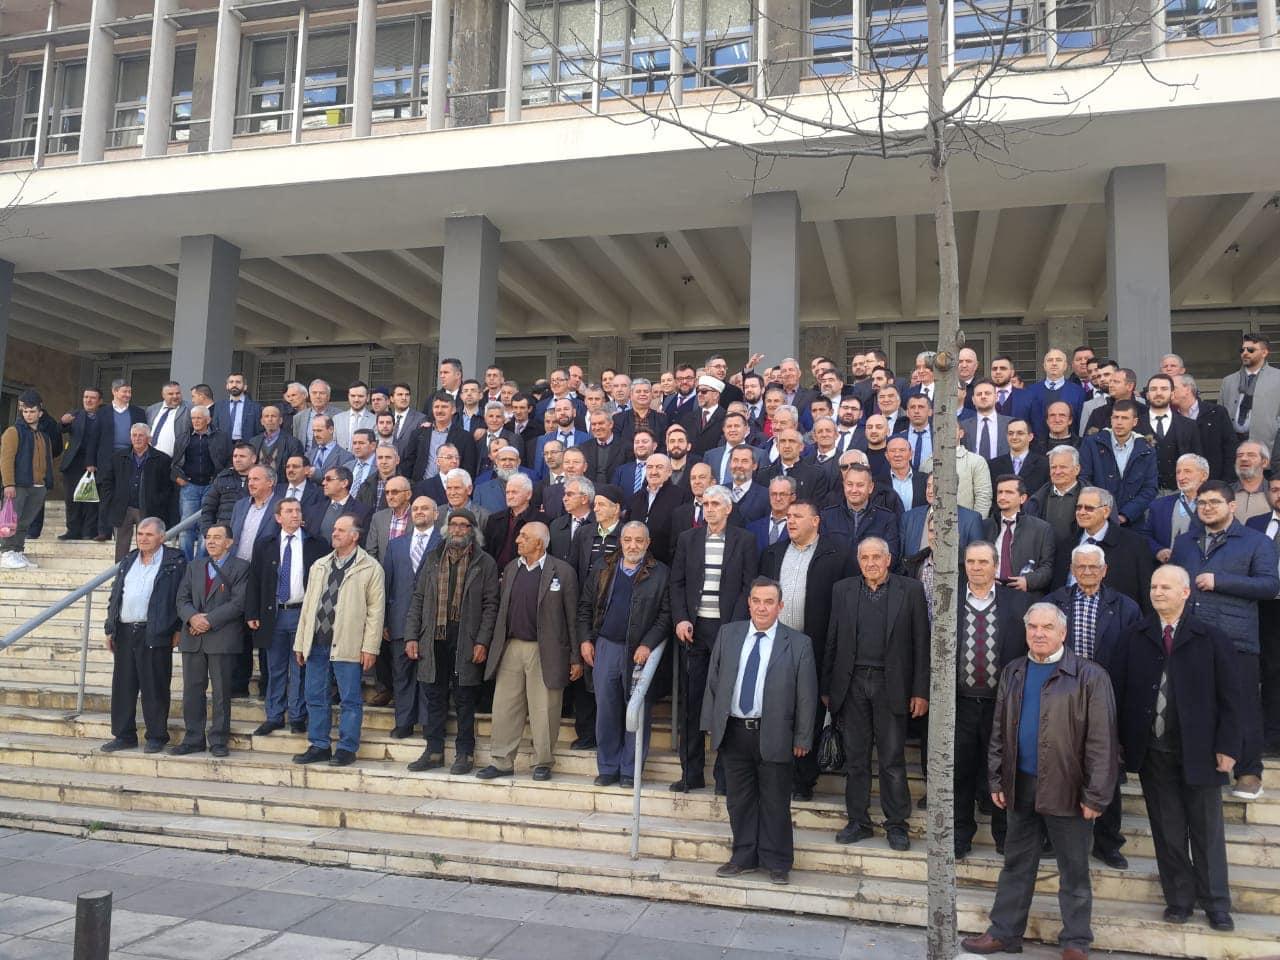 Χρύσα Ούτση: Η σύγχρονη ηρωίδα που υπερασπίστηκε την πατρίδα μόνη απέναντι σε εκατοντάδες τουρκόφρονες παρακρατικούς